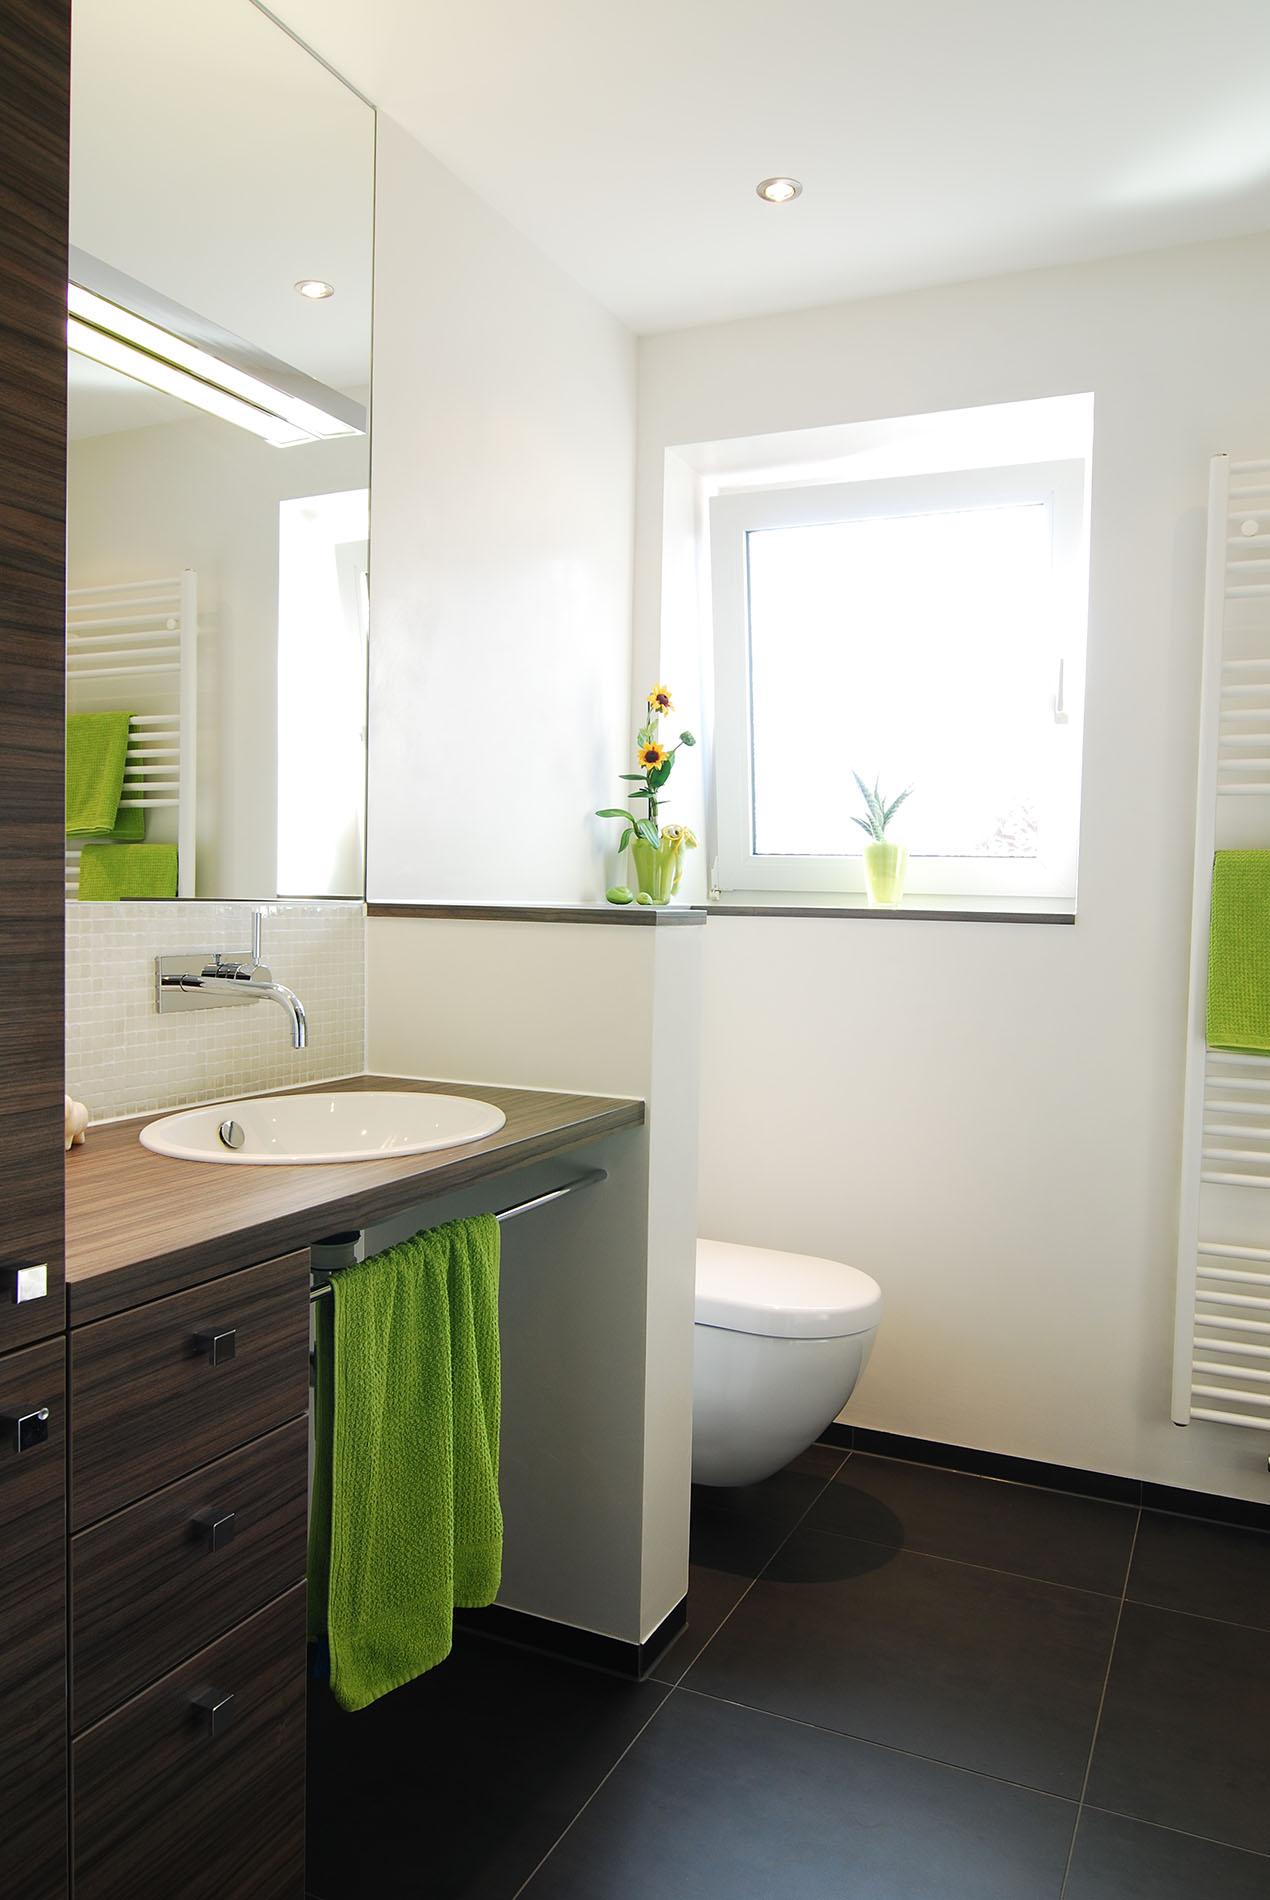 kleines badezimmer renovieren in münster | raumfabrik